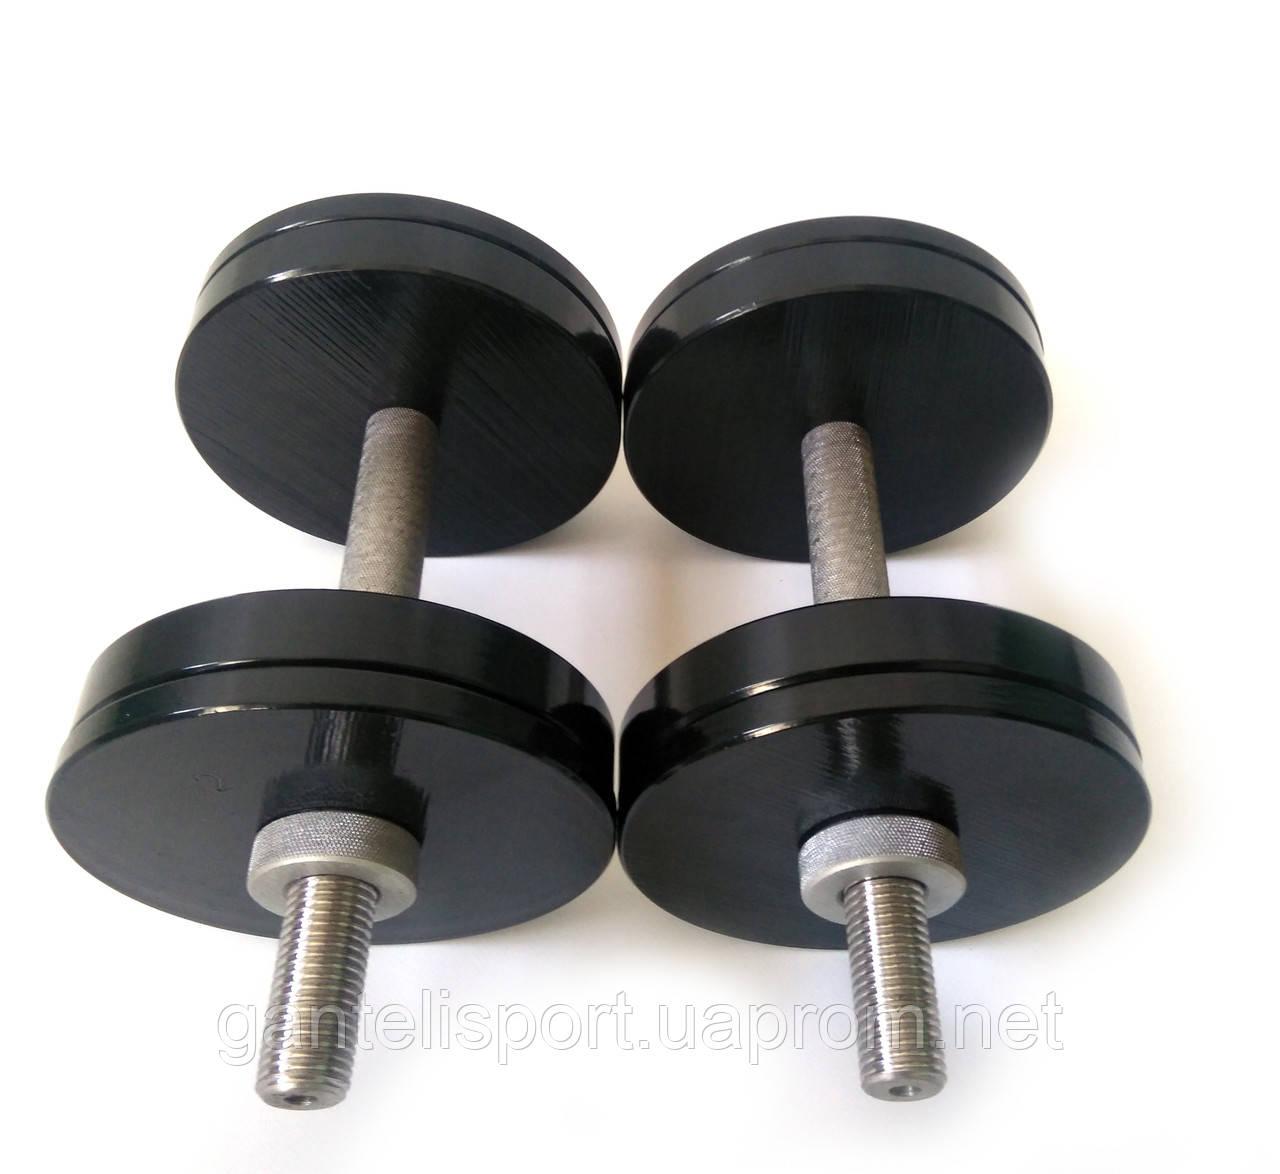 Гантели металлические 2 шт по 14 кг